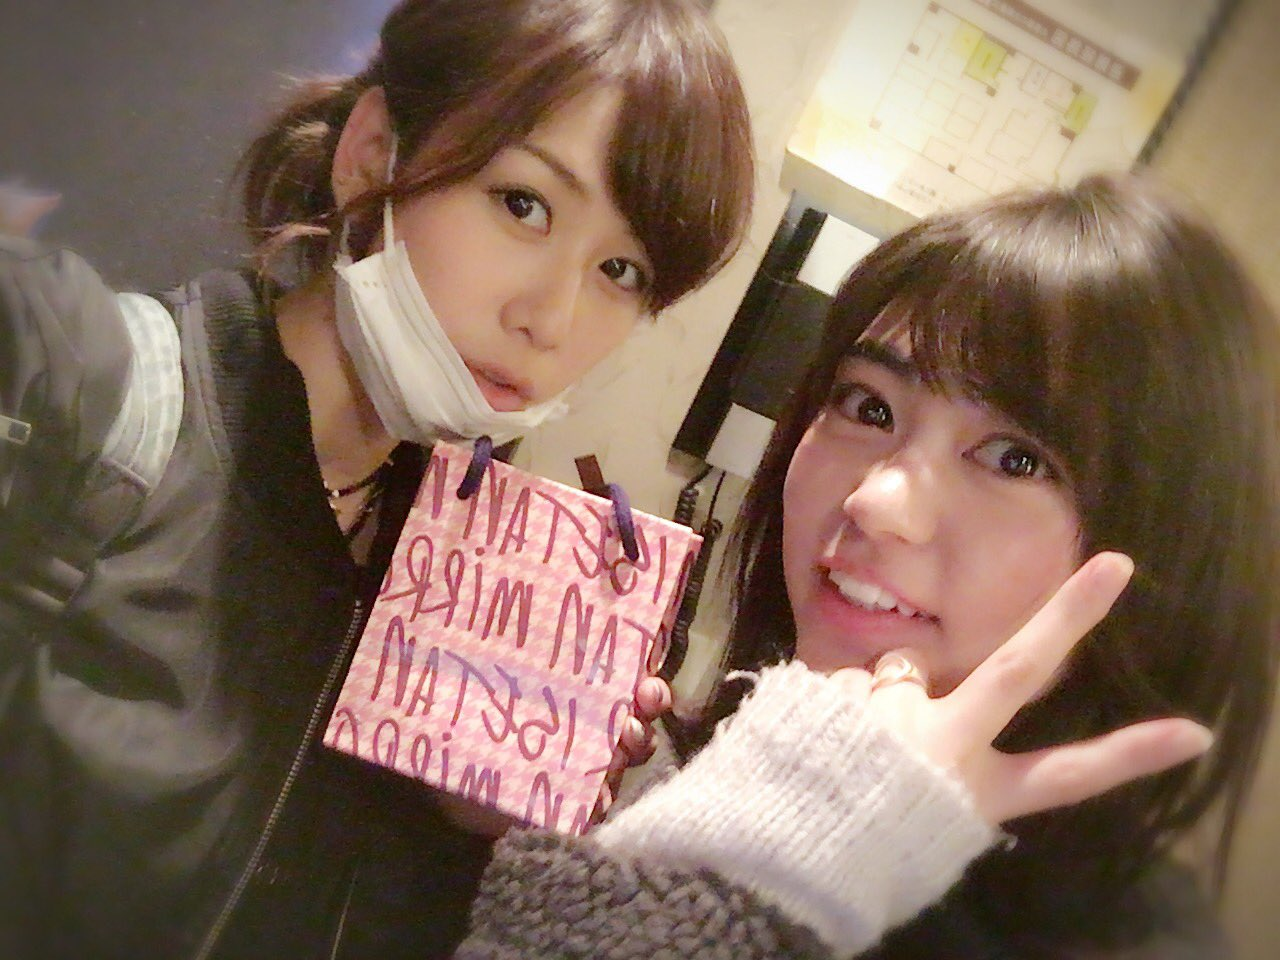 【悲報】AKB48大家志津香「先日メンバーと運営スタッフで面談があった」→オンデマでカットwwwww